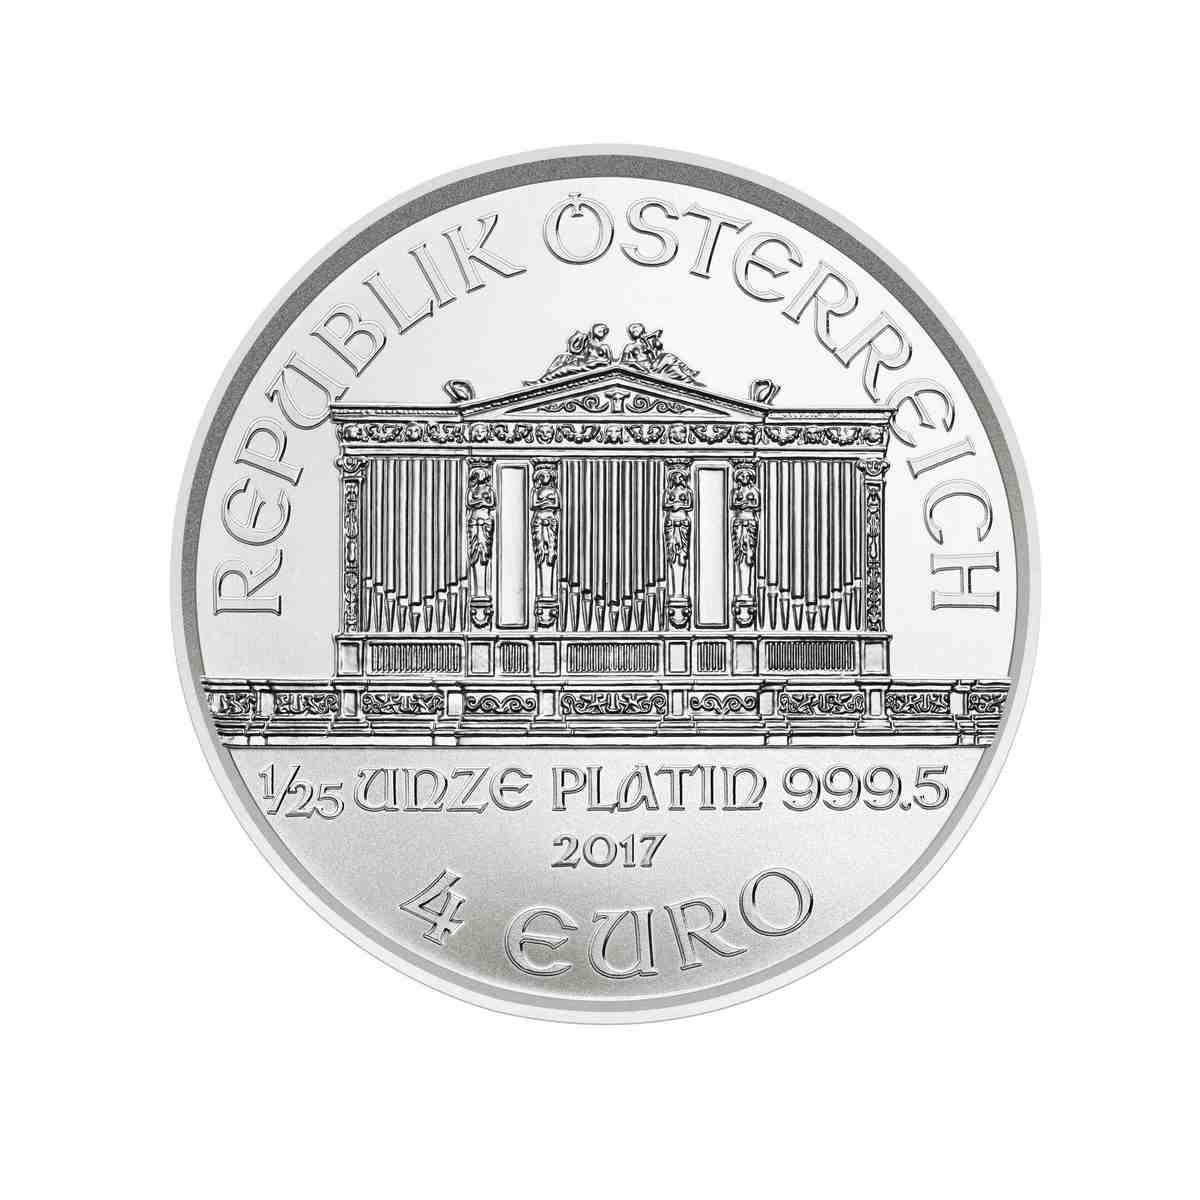 1 Unze (oz)  Wiener Philharmoniker Platinmünzen